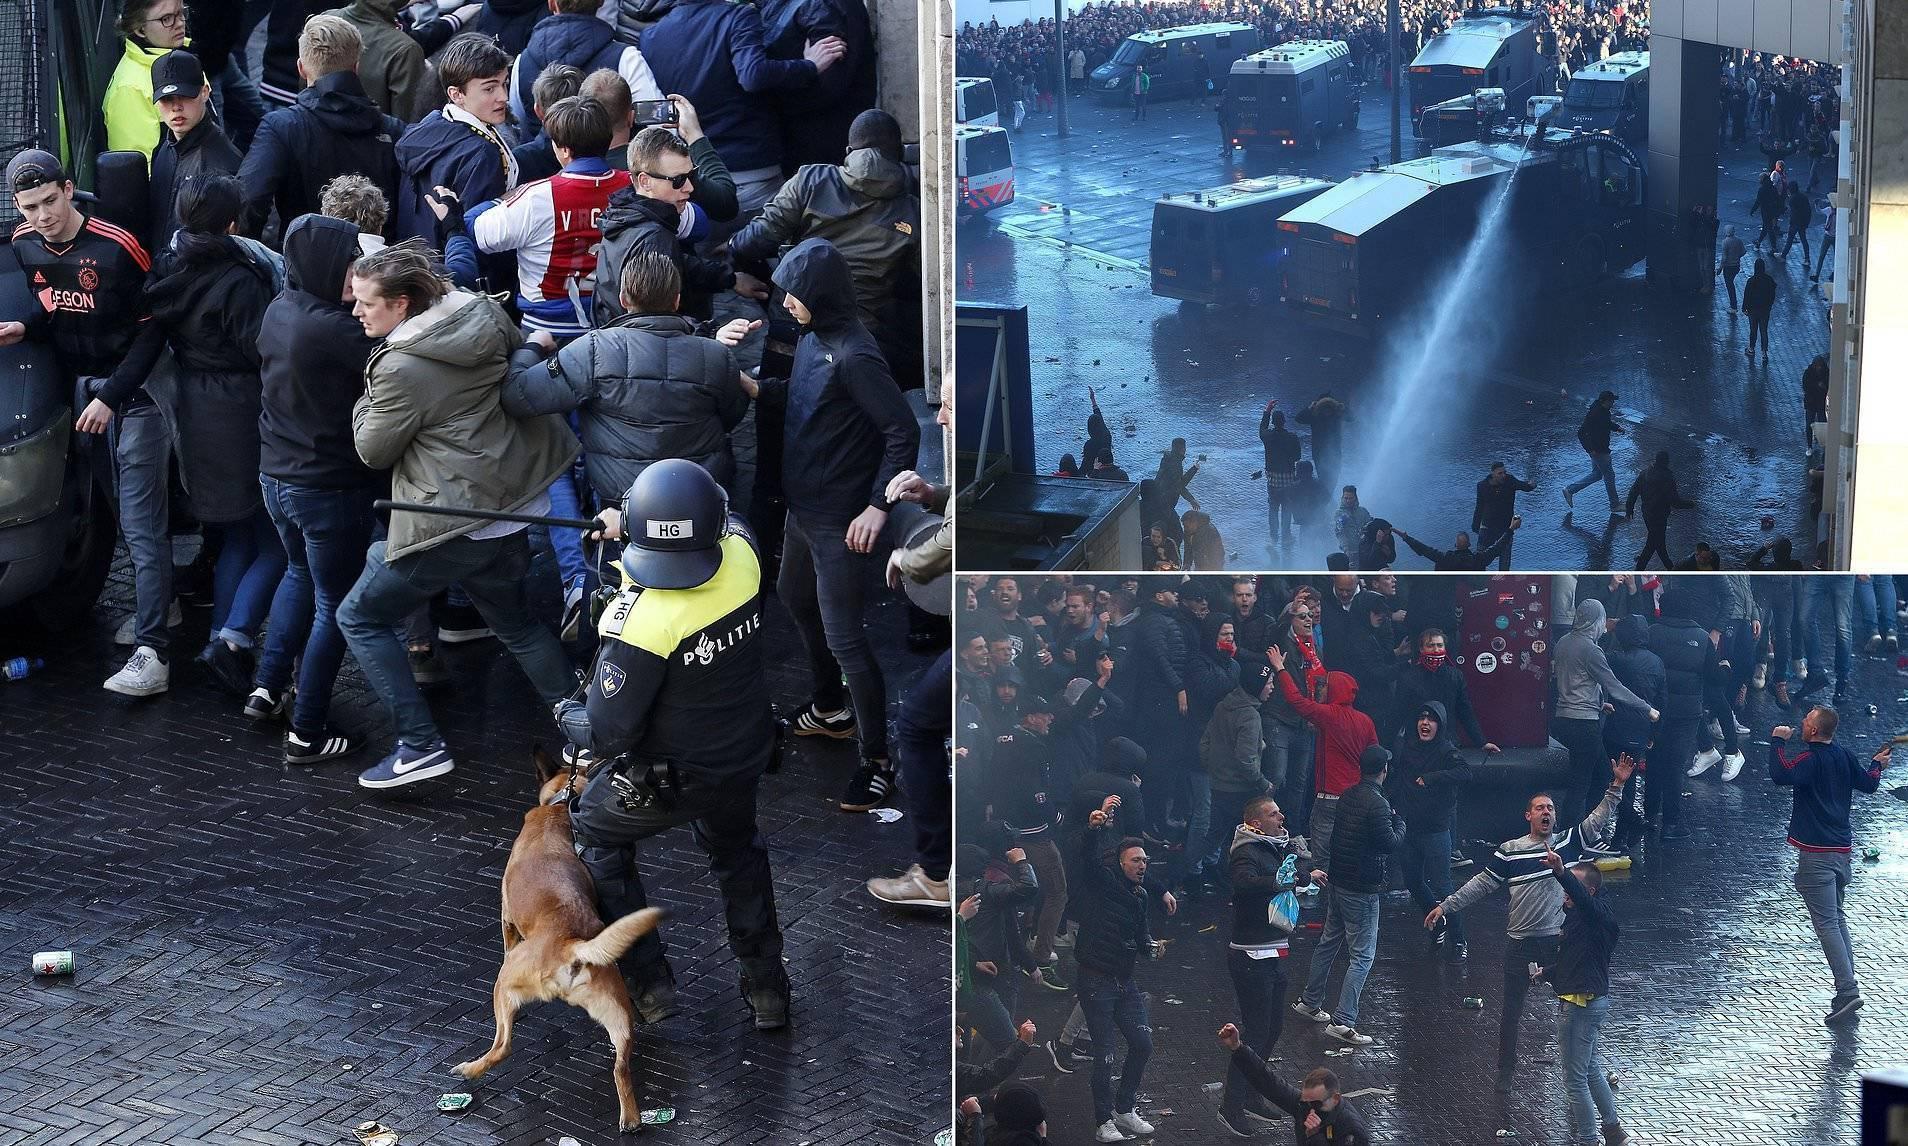 Juve-Ajaks alarm huliganësh, policia ndalon 5 ultras të armatosur